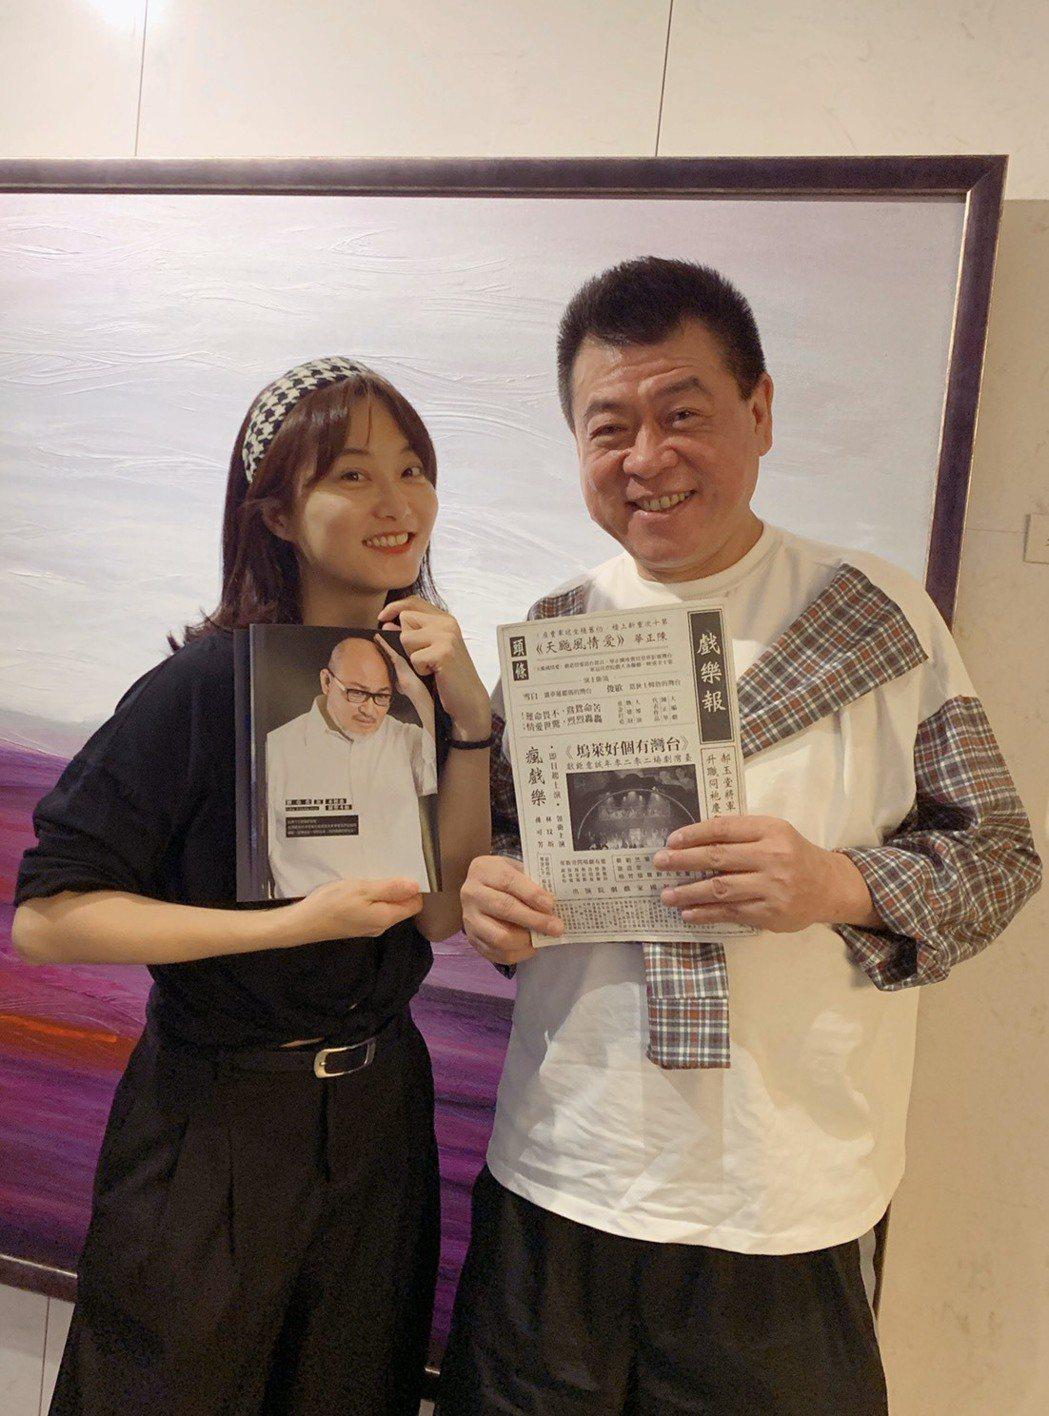 孫德榮(右)和趙小僑看音樂劇「台灣有個好萊塢」。圖/孫德榮提供